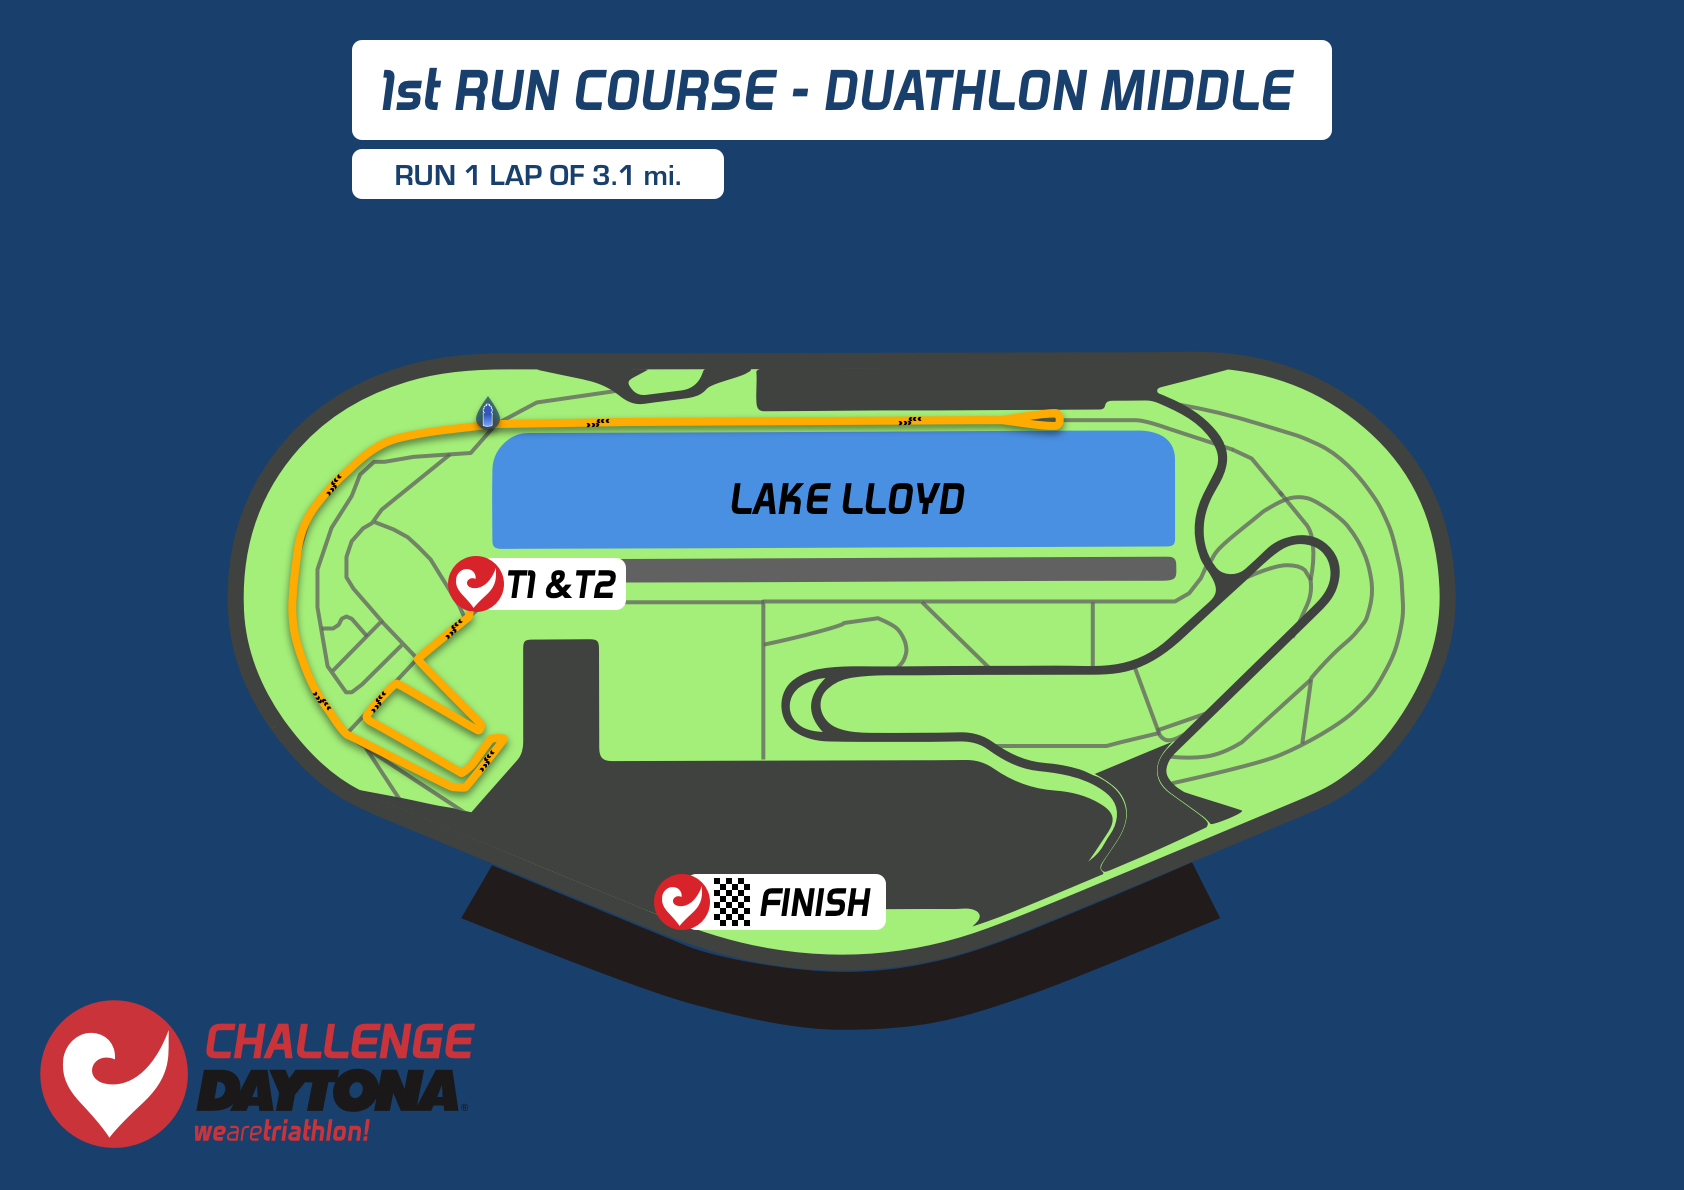 Duathlon Middle Distance